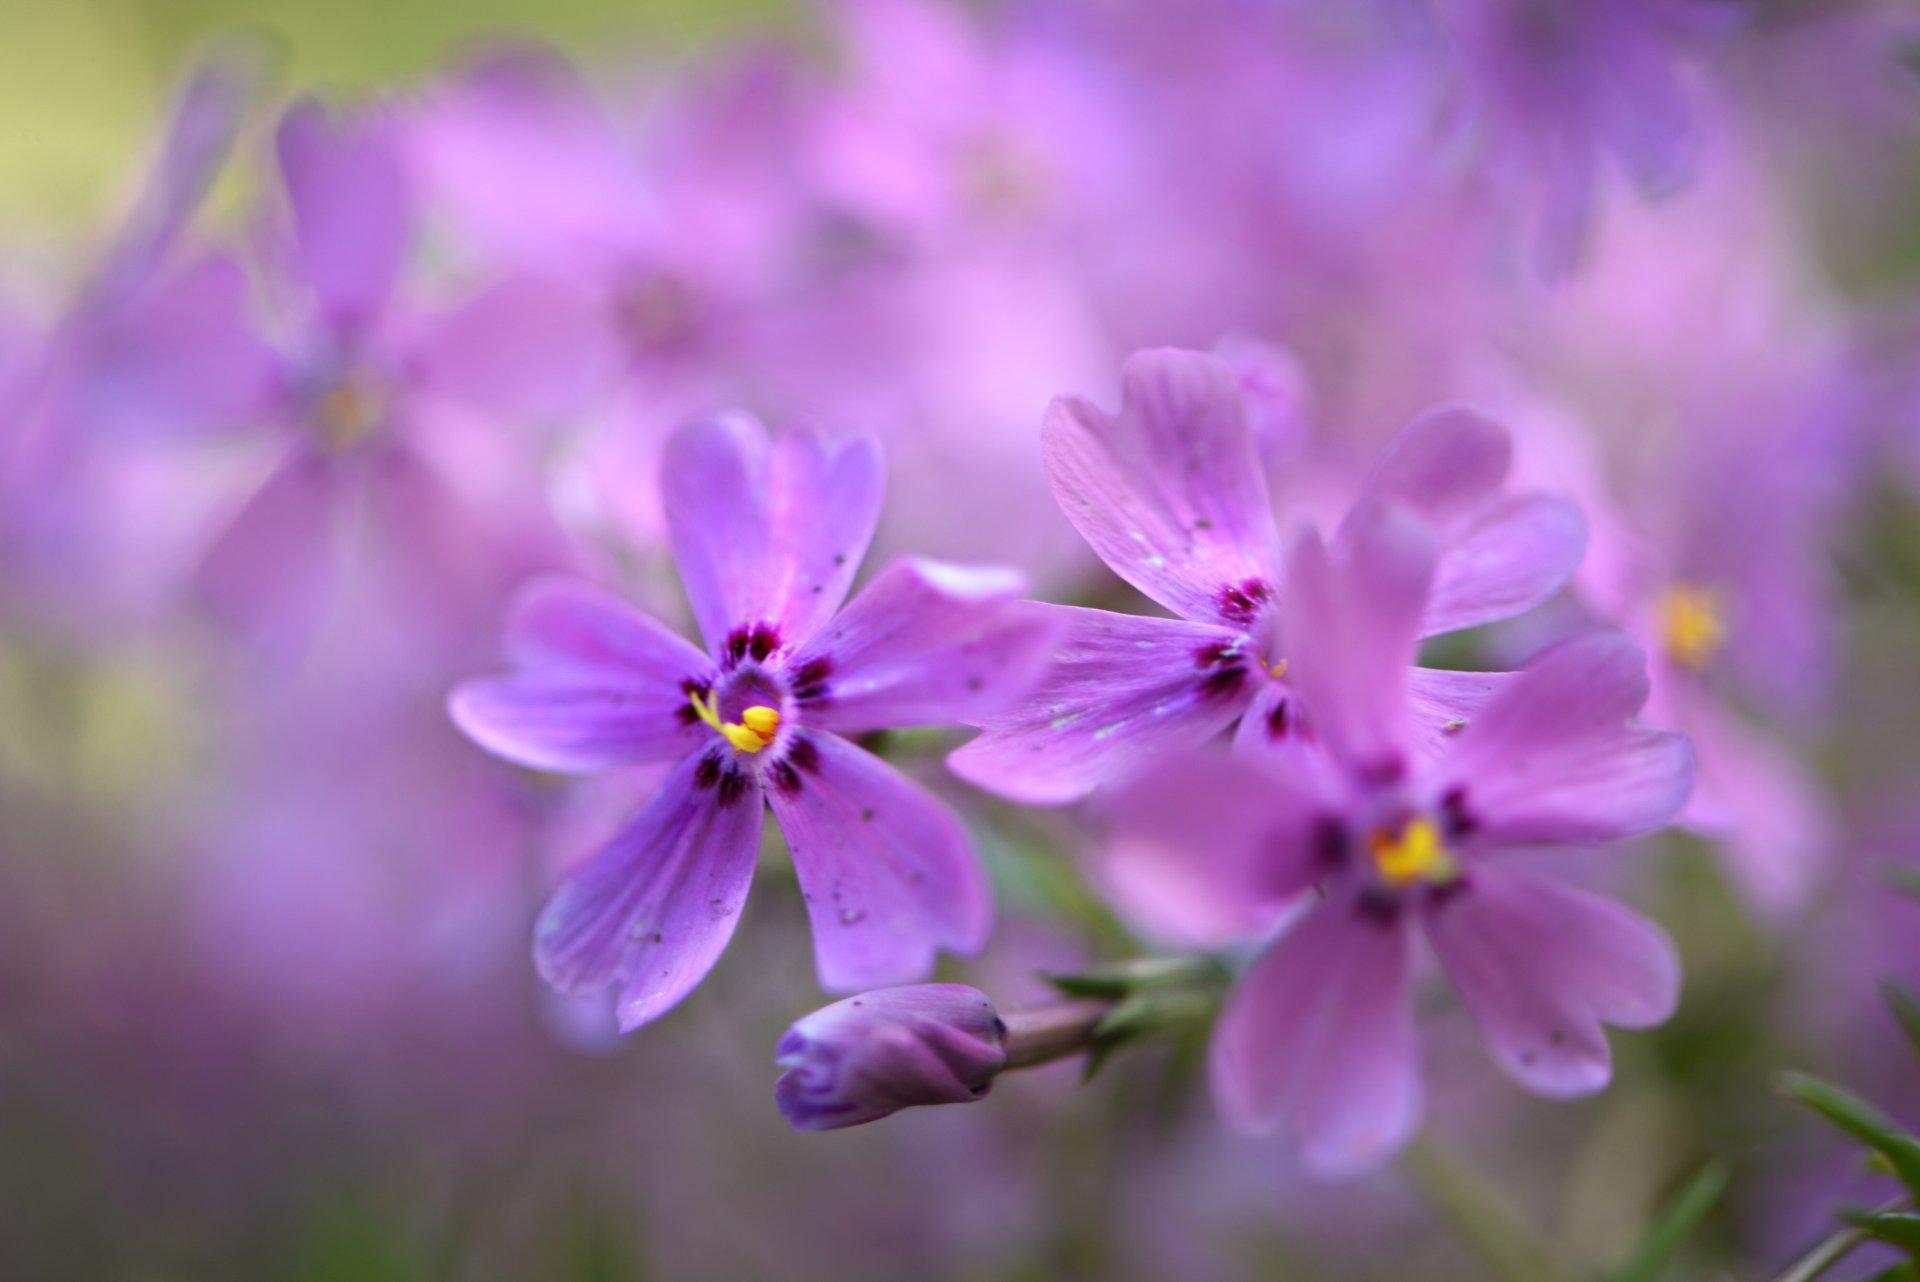 природа, макро, весна, цветы, флокс шиловидный, Неля Рачкова